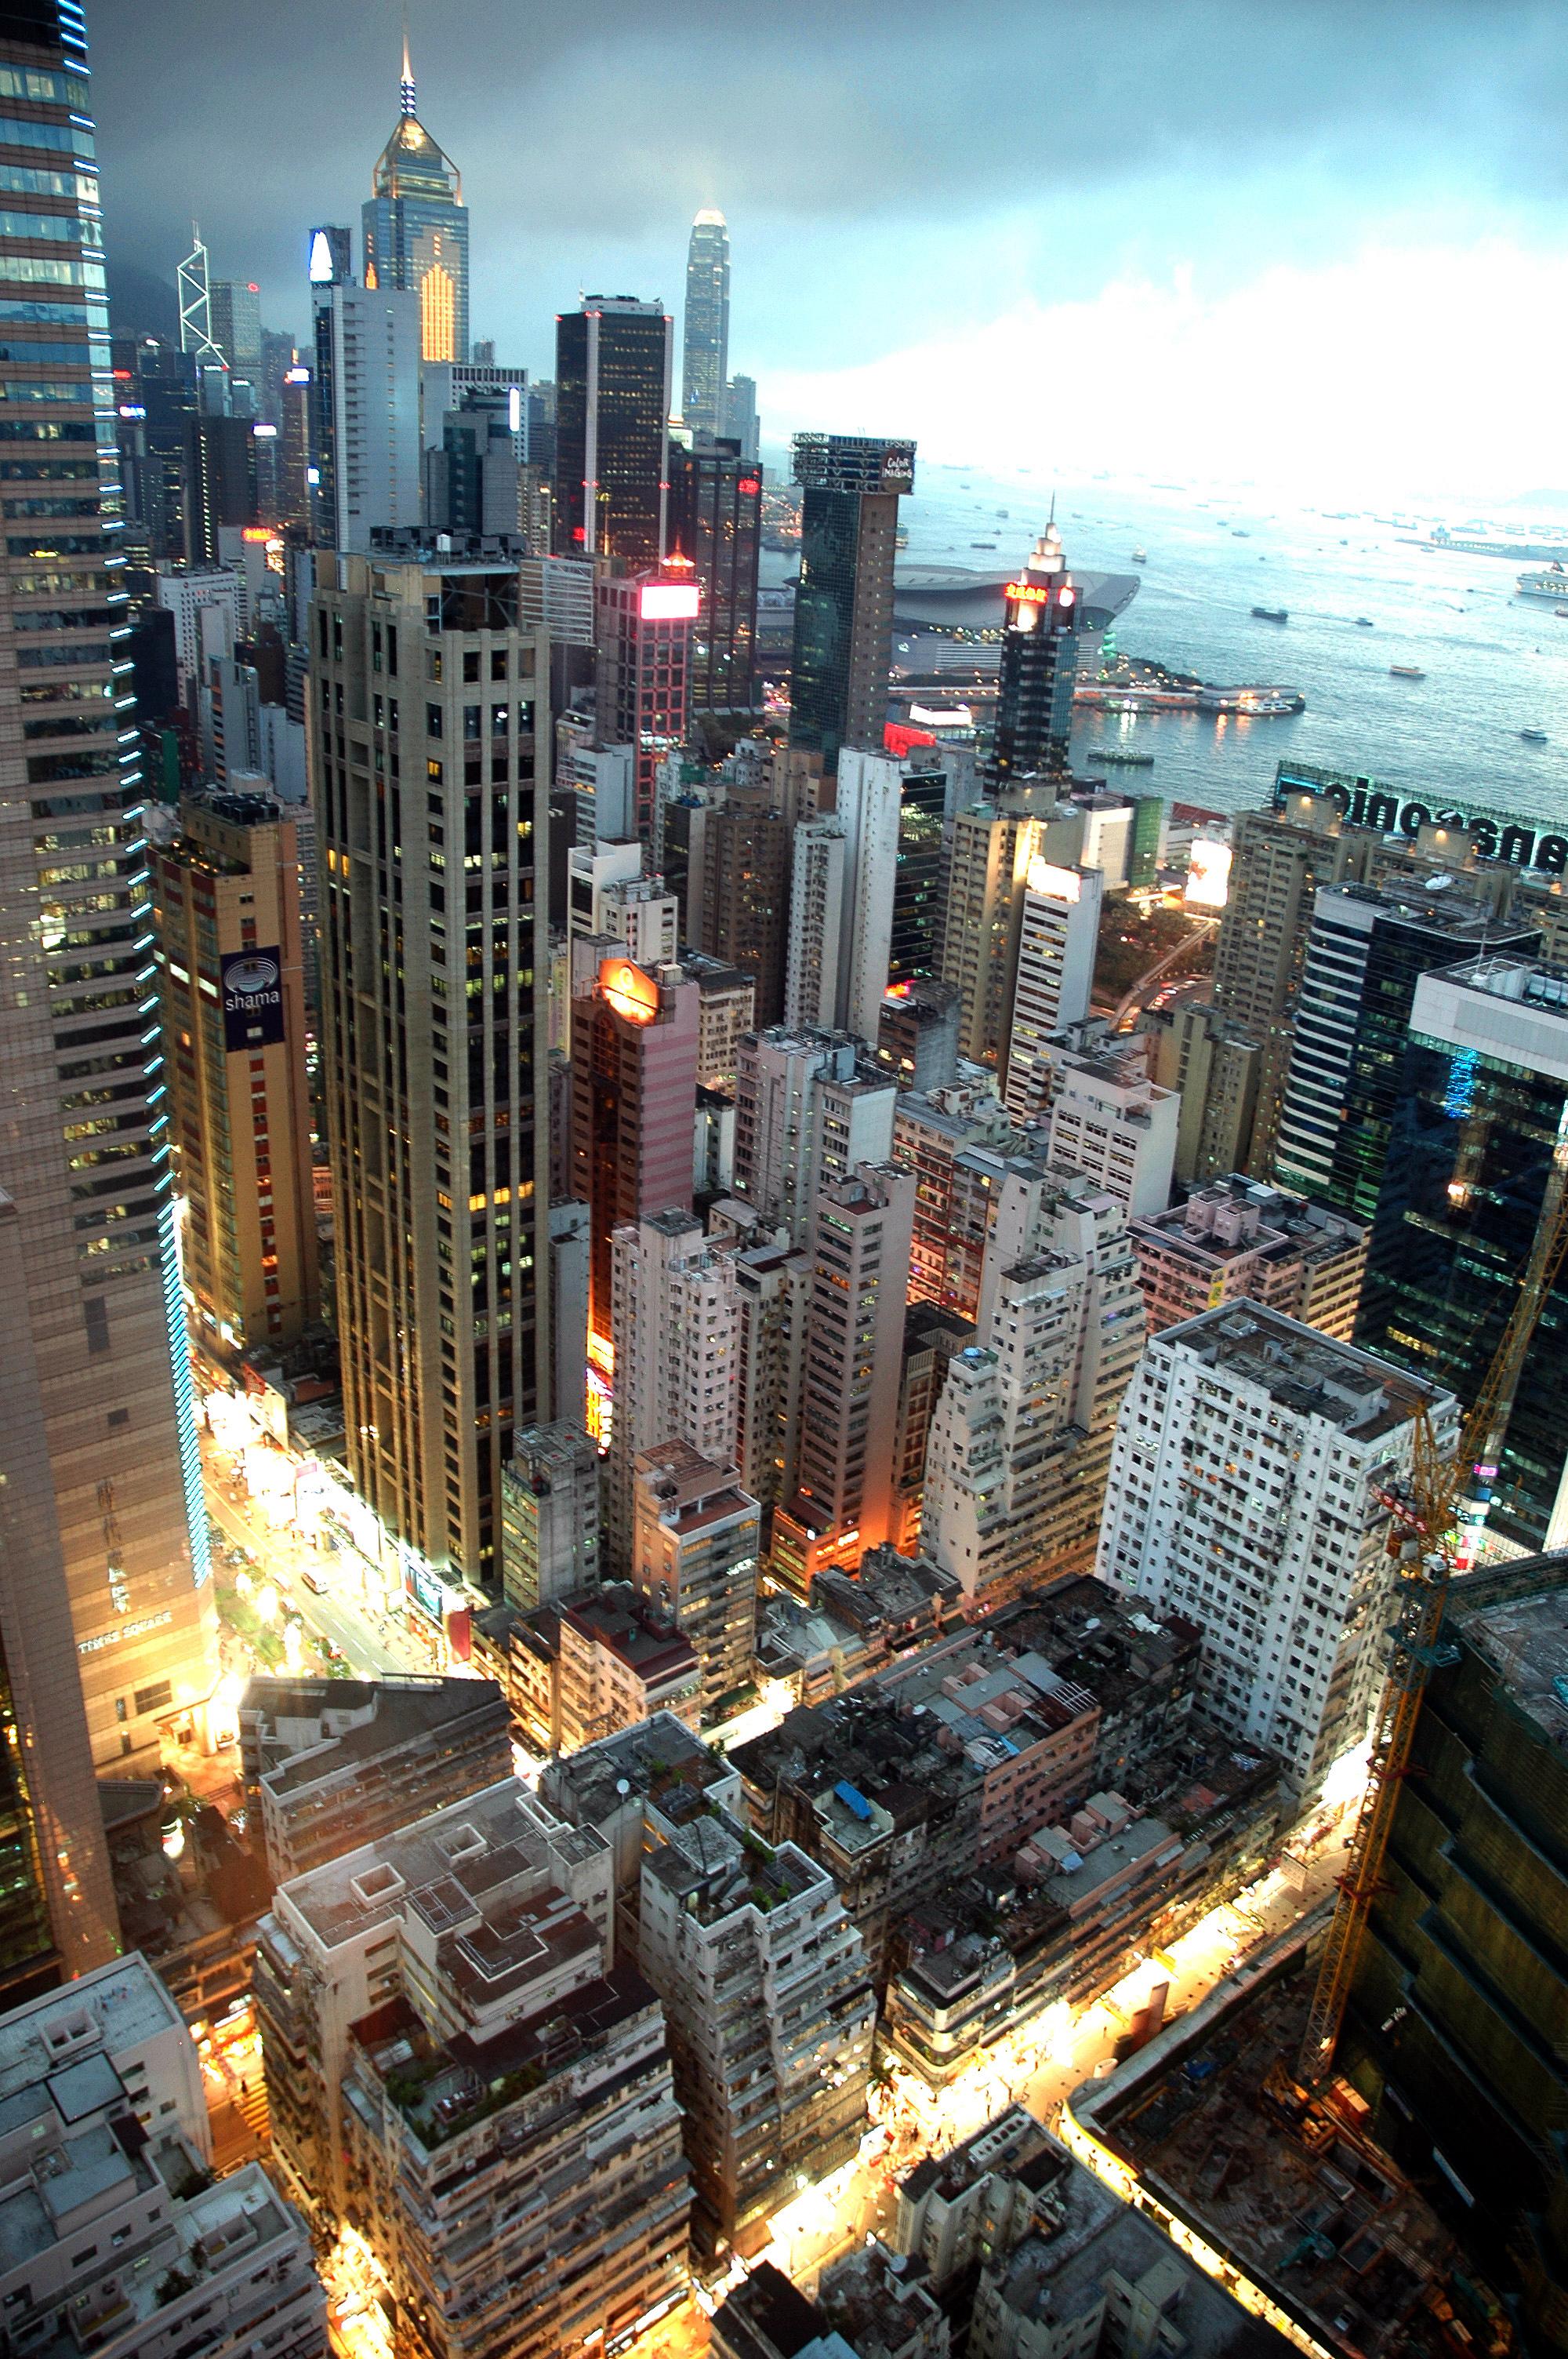 hong kong - photo #16